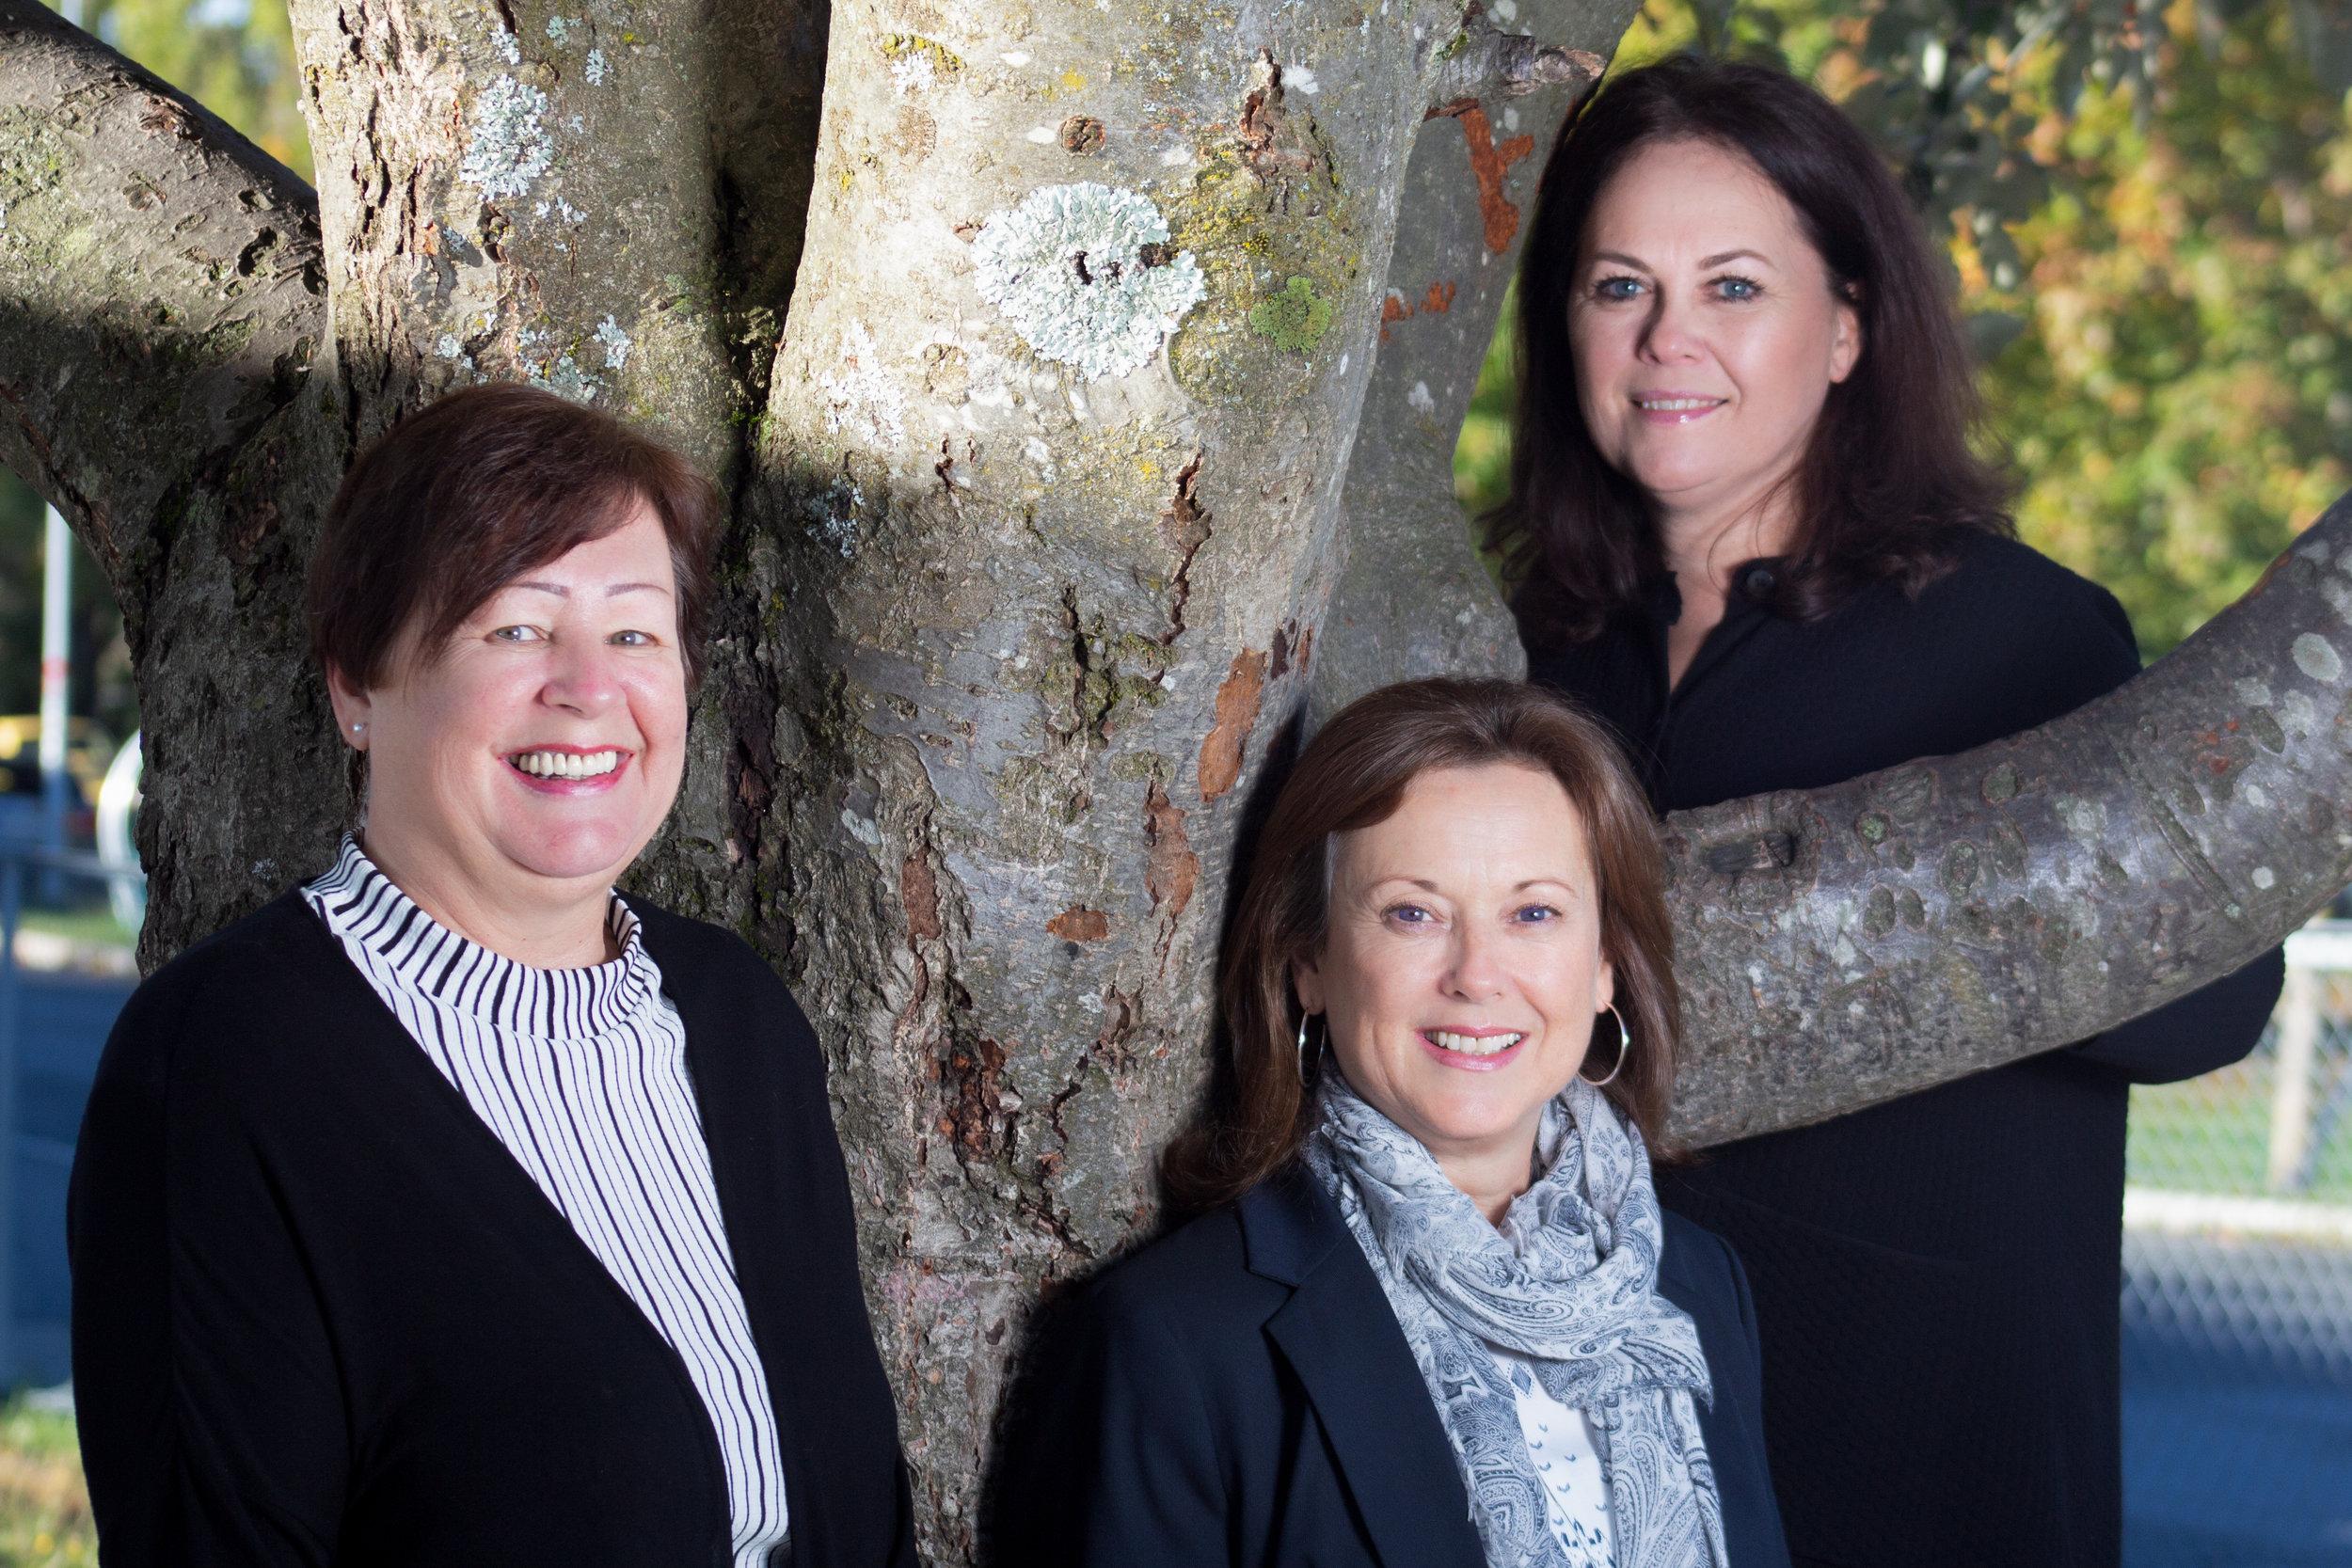 Our welcoming reception team: Lorine Stoltenberg, Christine Normann, & Kari Anne Munro